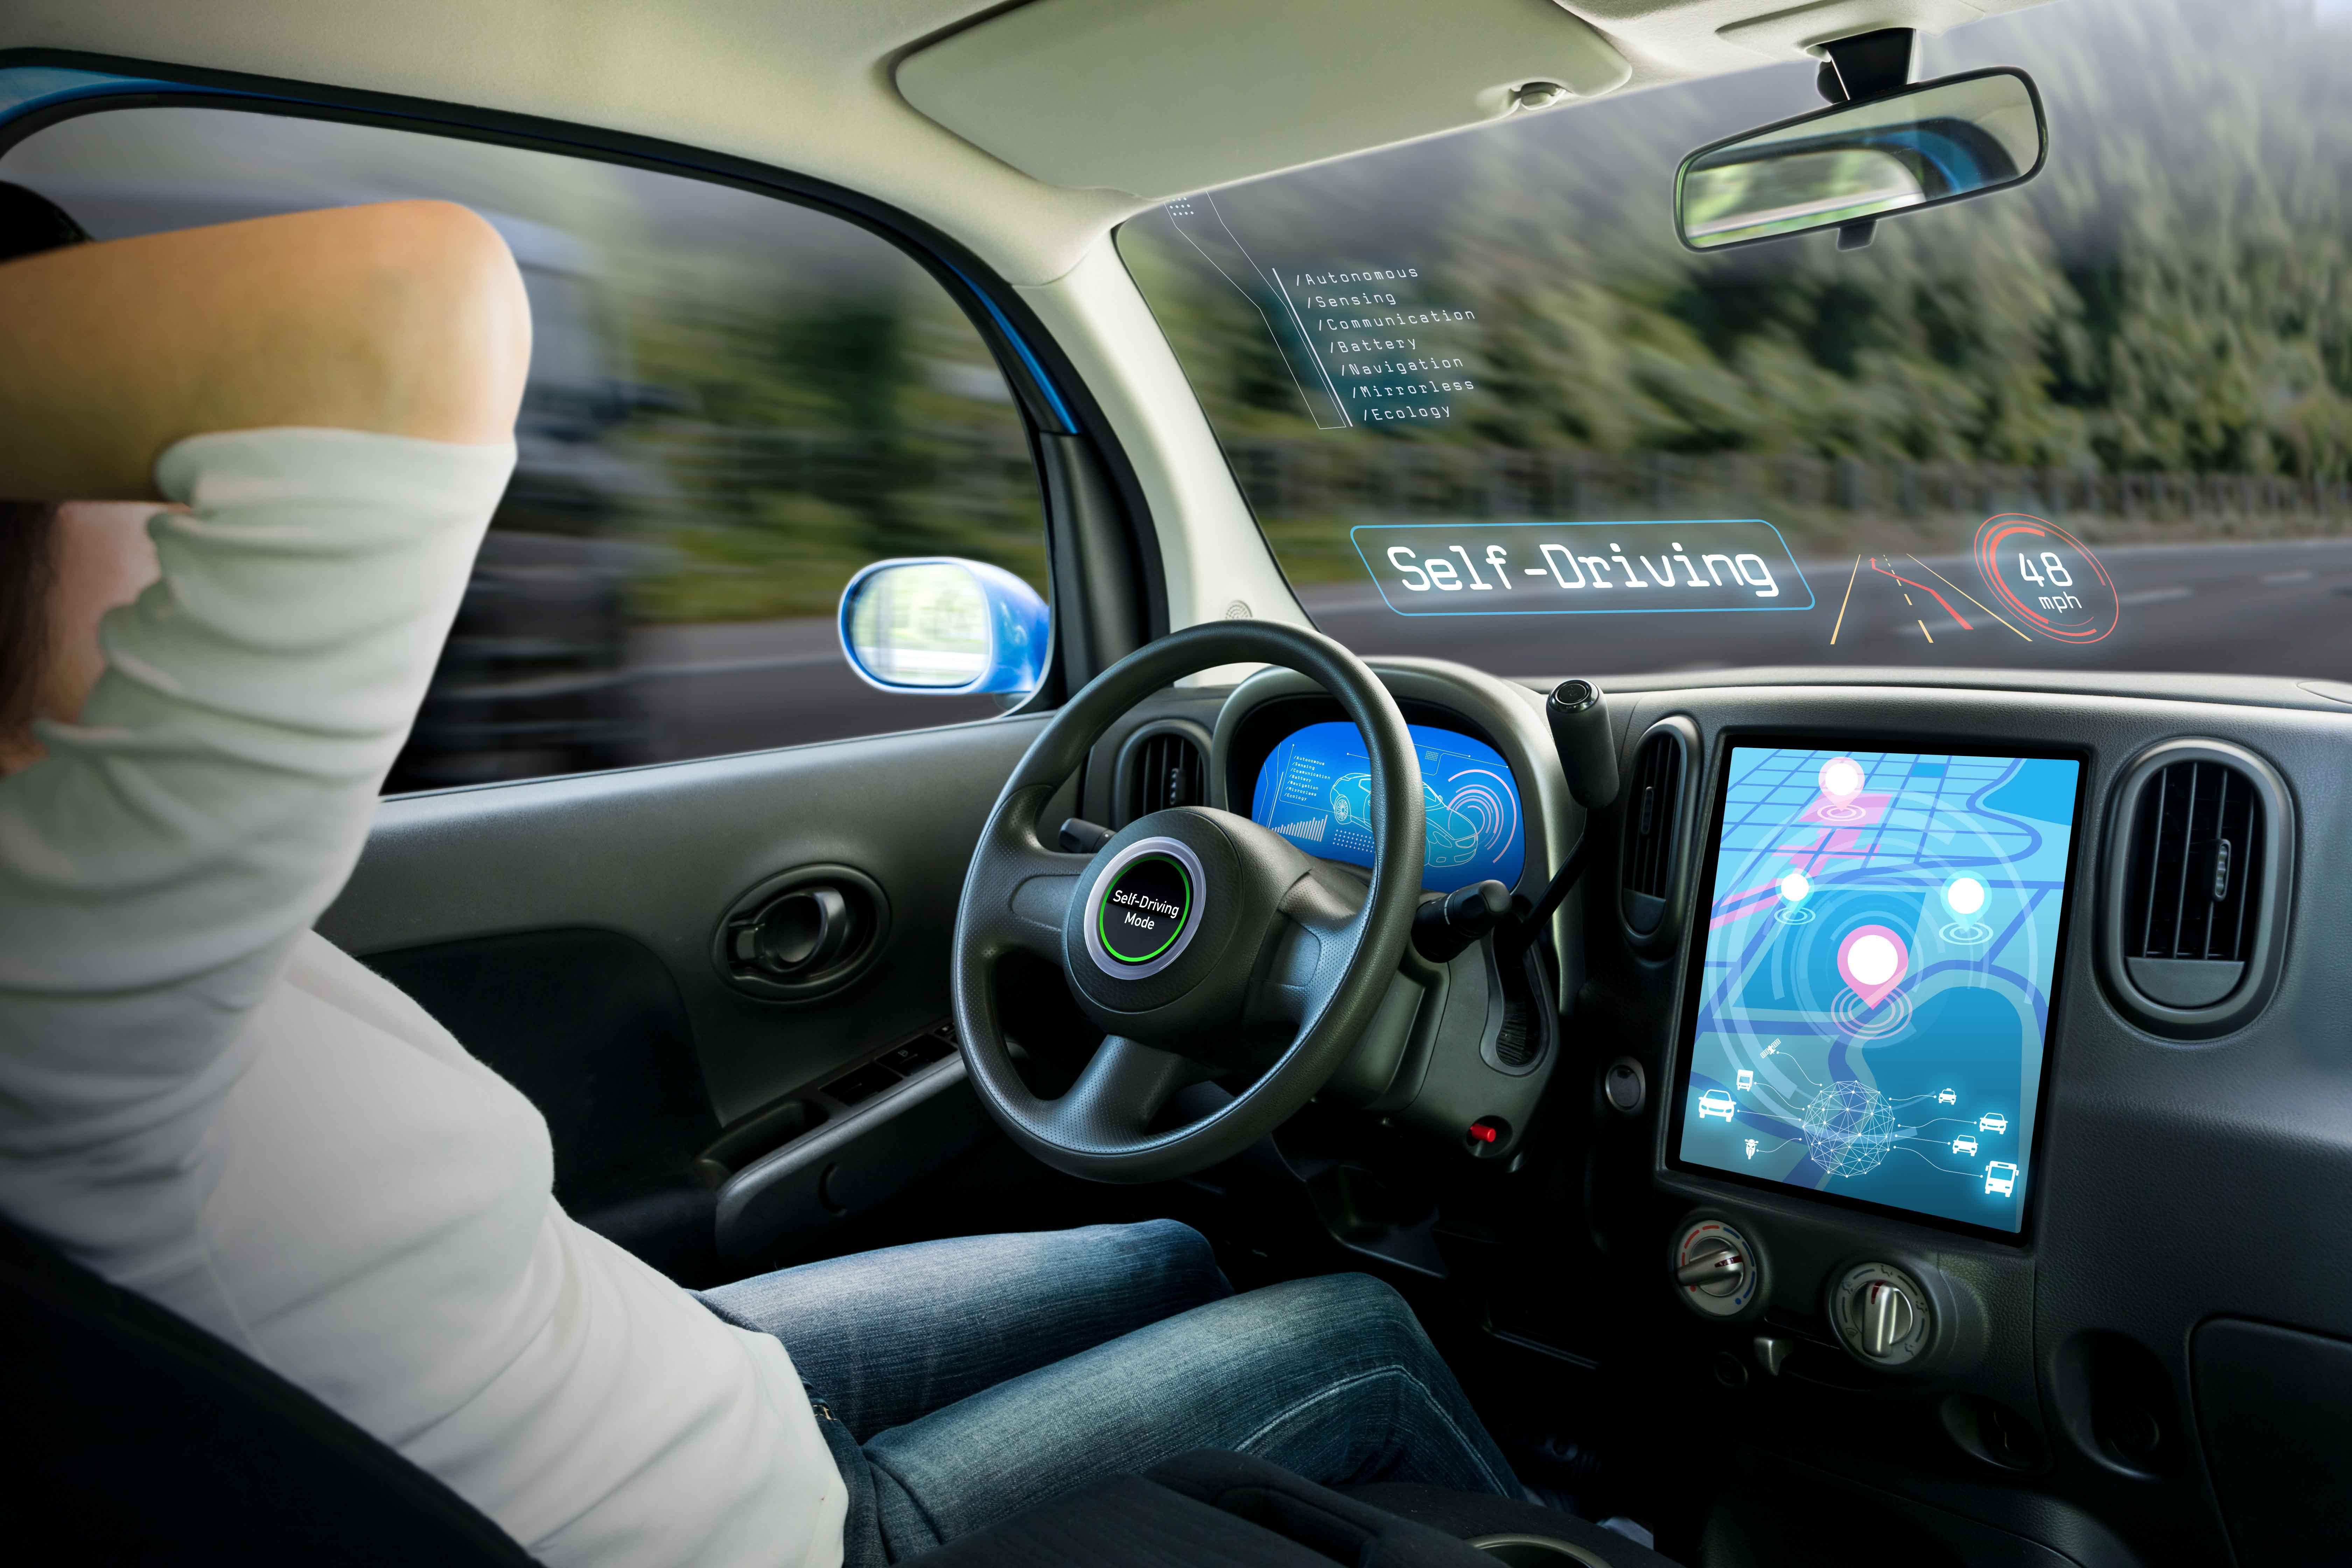 Automóvil visto por dentro con sus sistemas tecnológicos